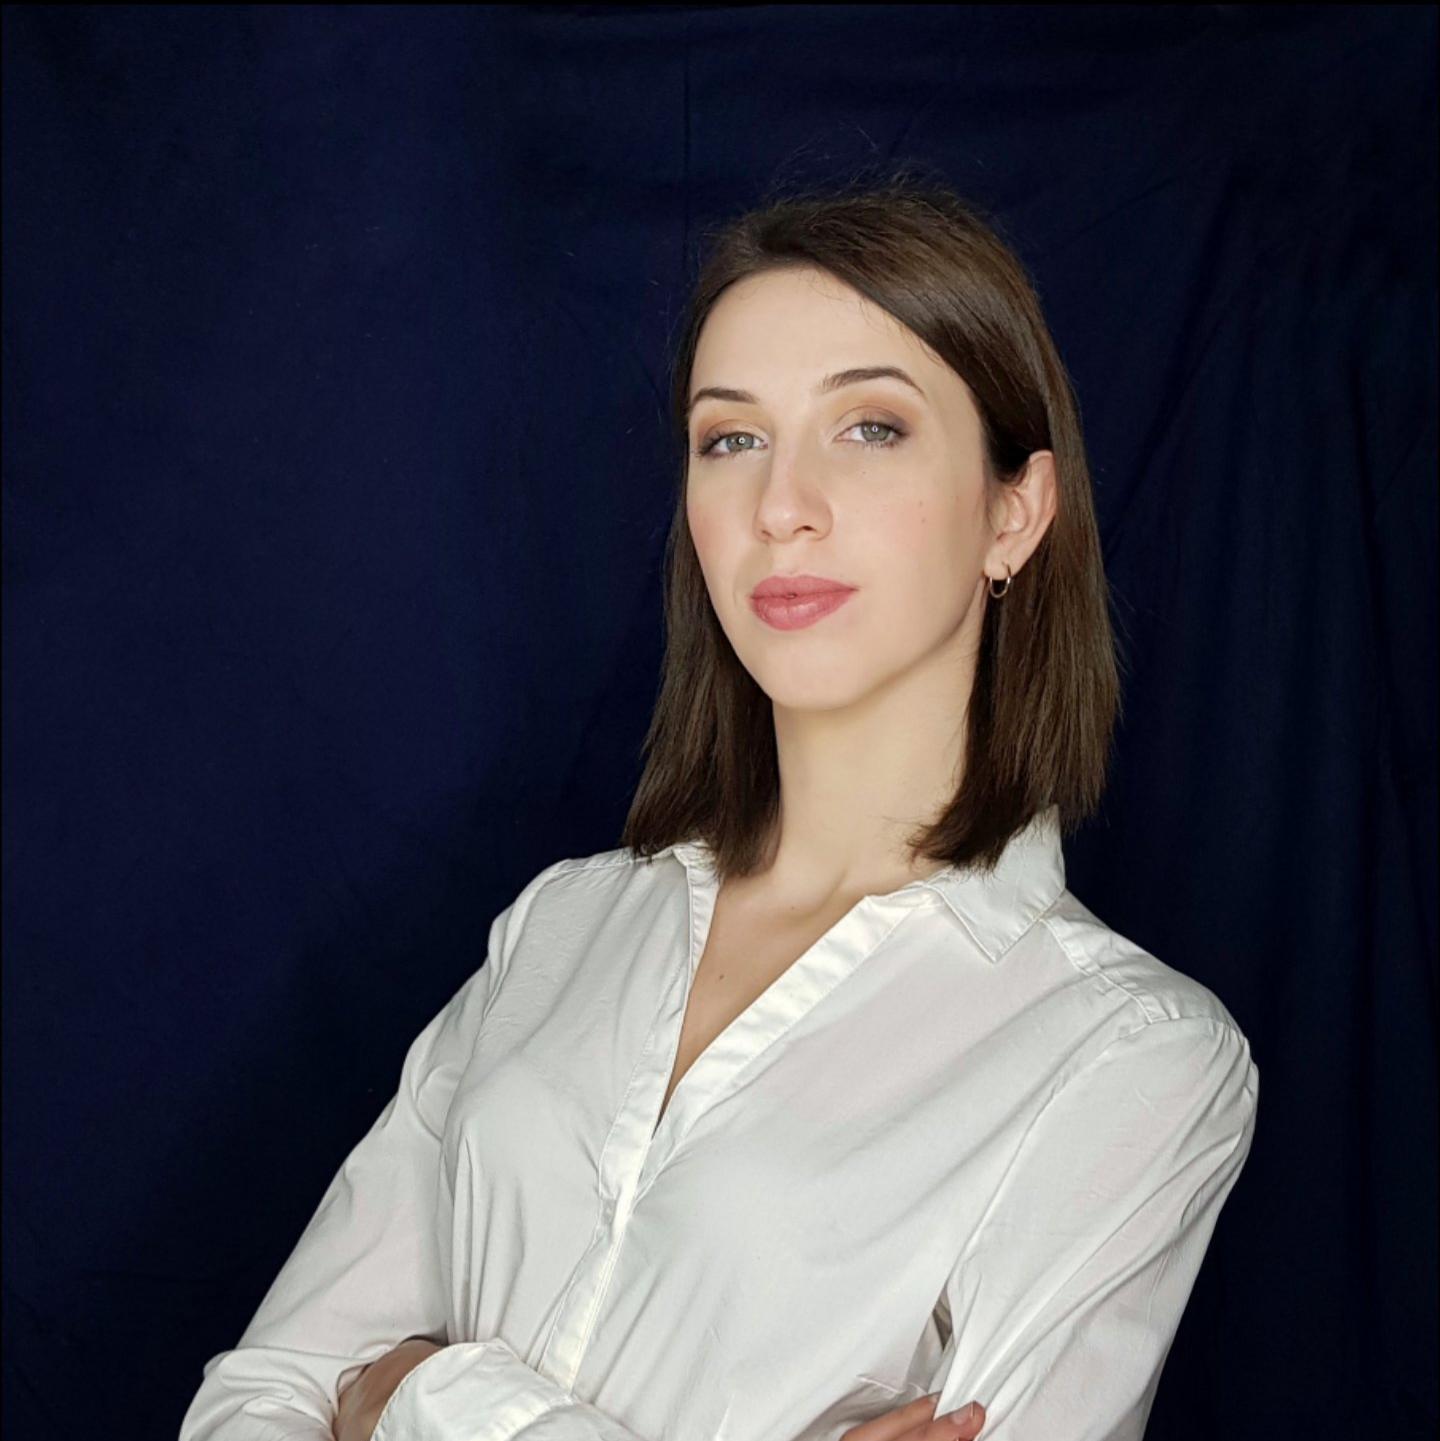 Linda Fossi